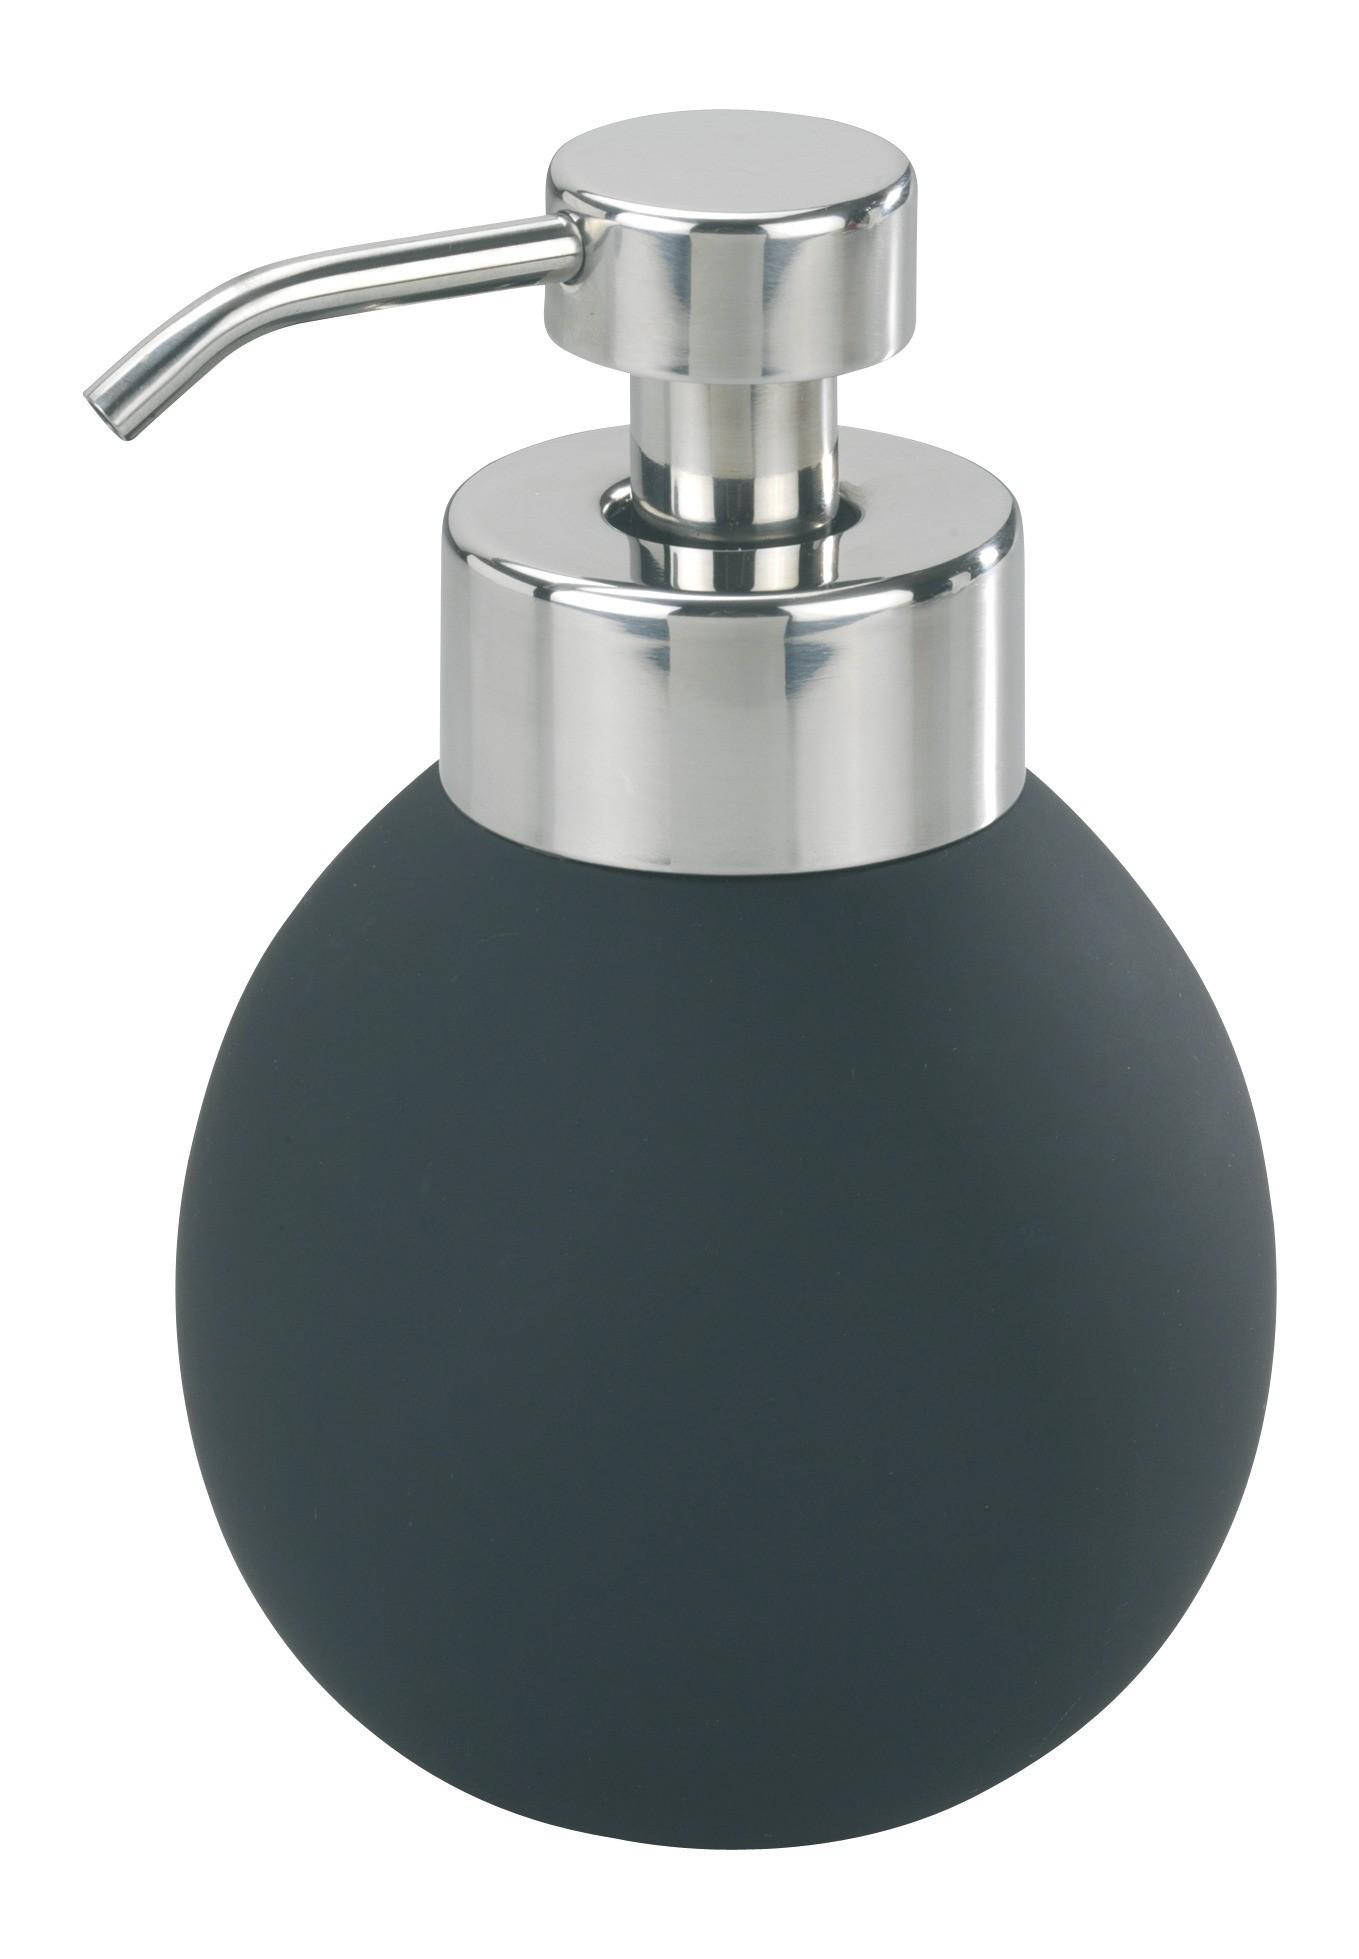 Schaumseifenspender Naro Anti-Rutsch, Soft Touch Oberfläche